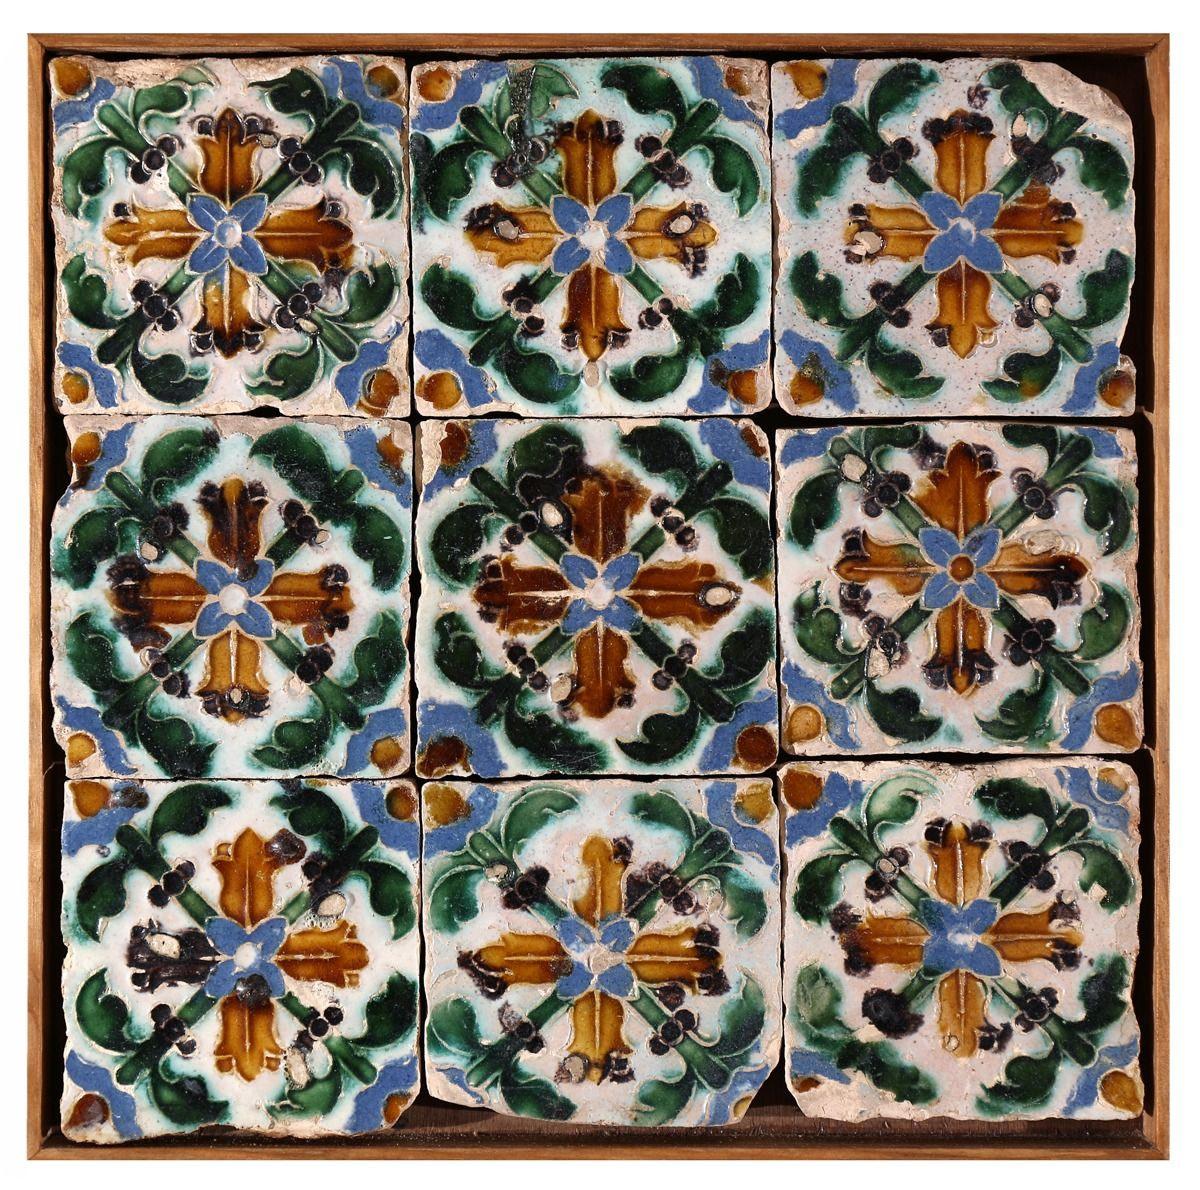 Panneau d'azulejos hispano-arabes du XVIe siècle que vous pouvez acheter chez D'Orey à Lisbonne